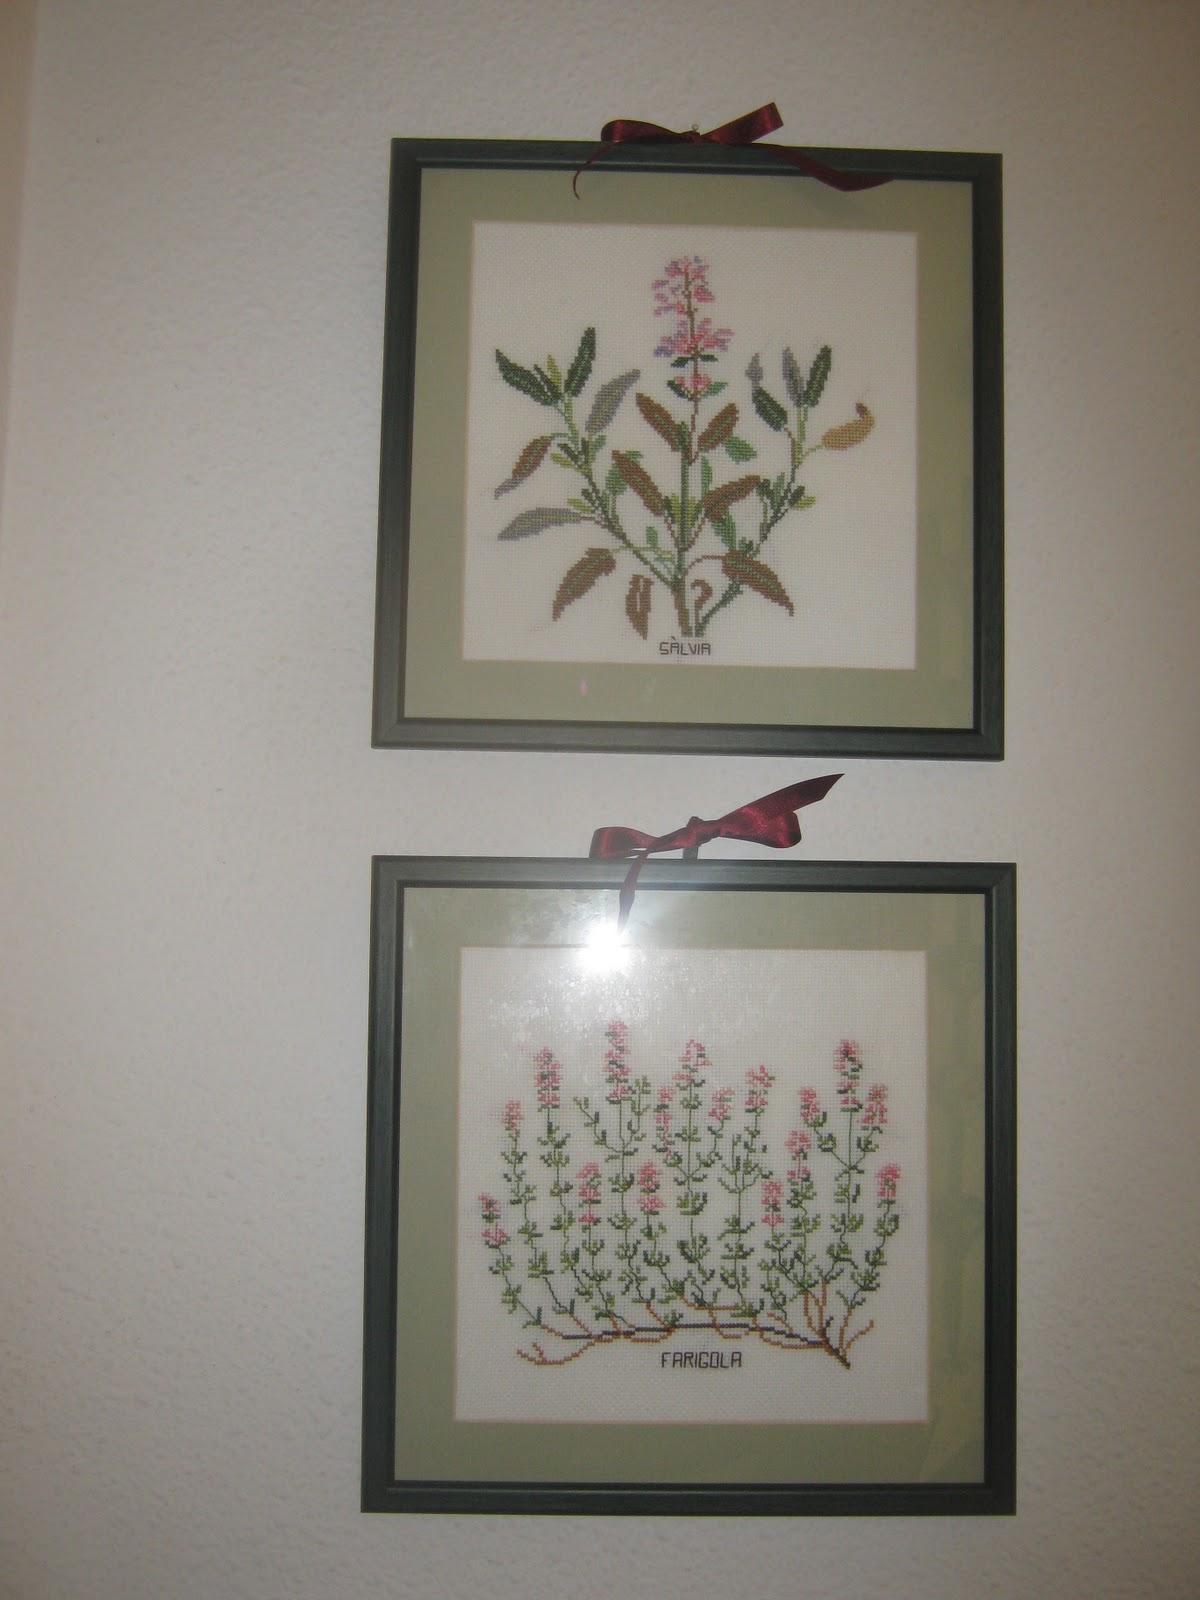 Treballets fins cuadros para el recibidor de mi casa - Cuadros para recibidor ...